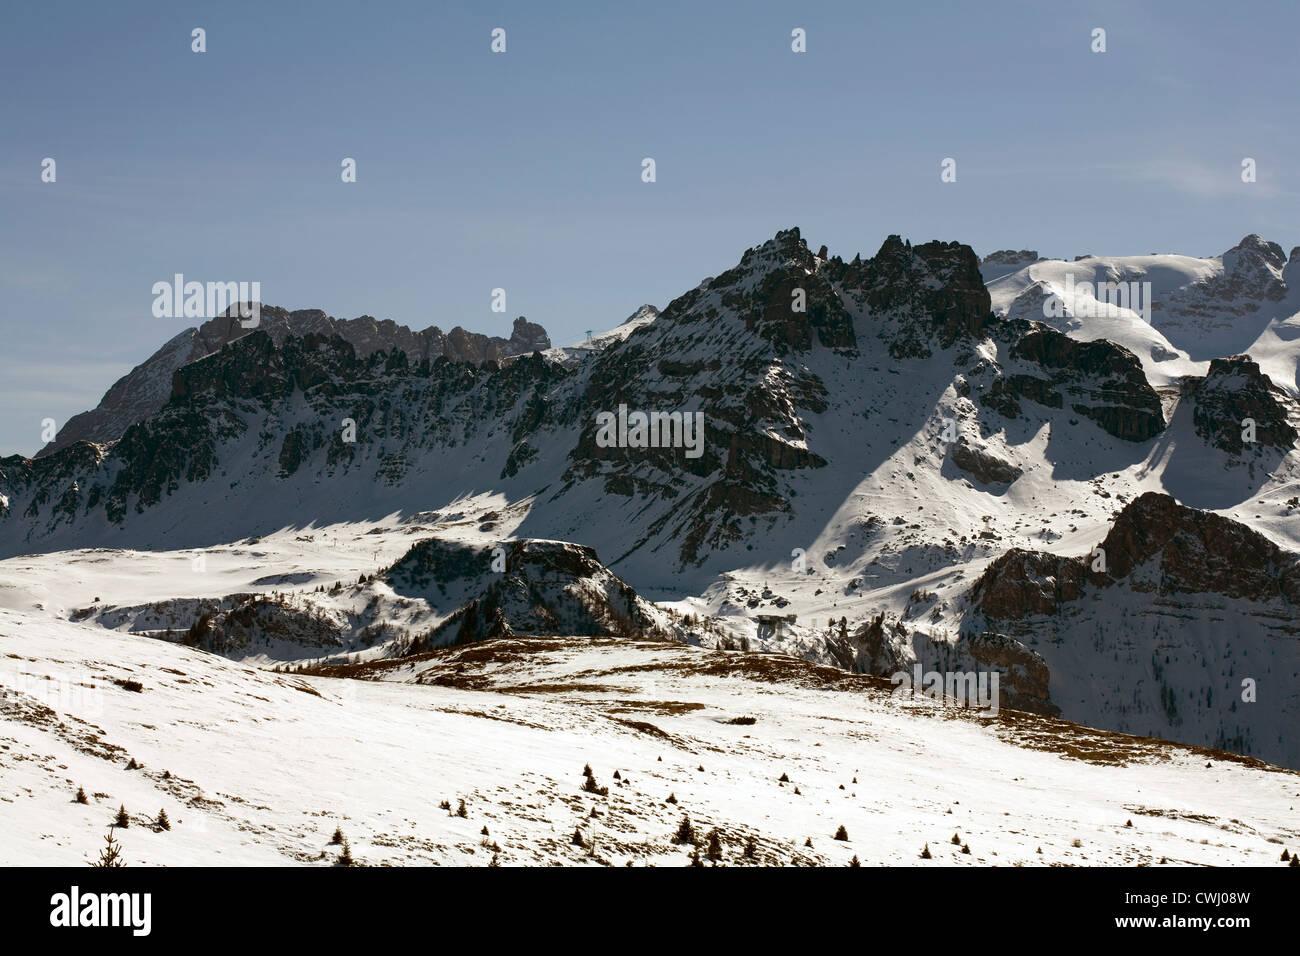 Massive limestone cliffs from Corvara Alta Badia  Dolomites  Italy Stock Photo